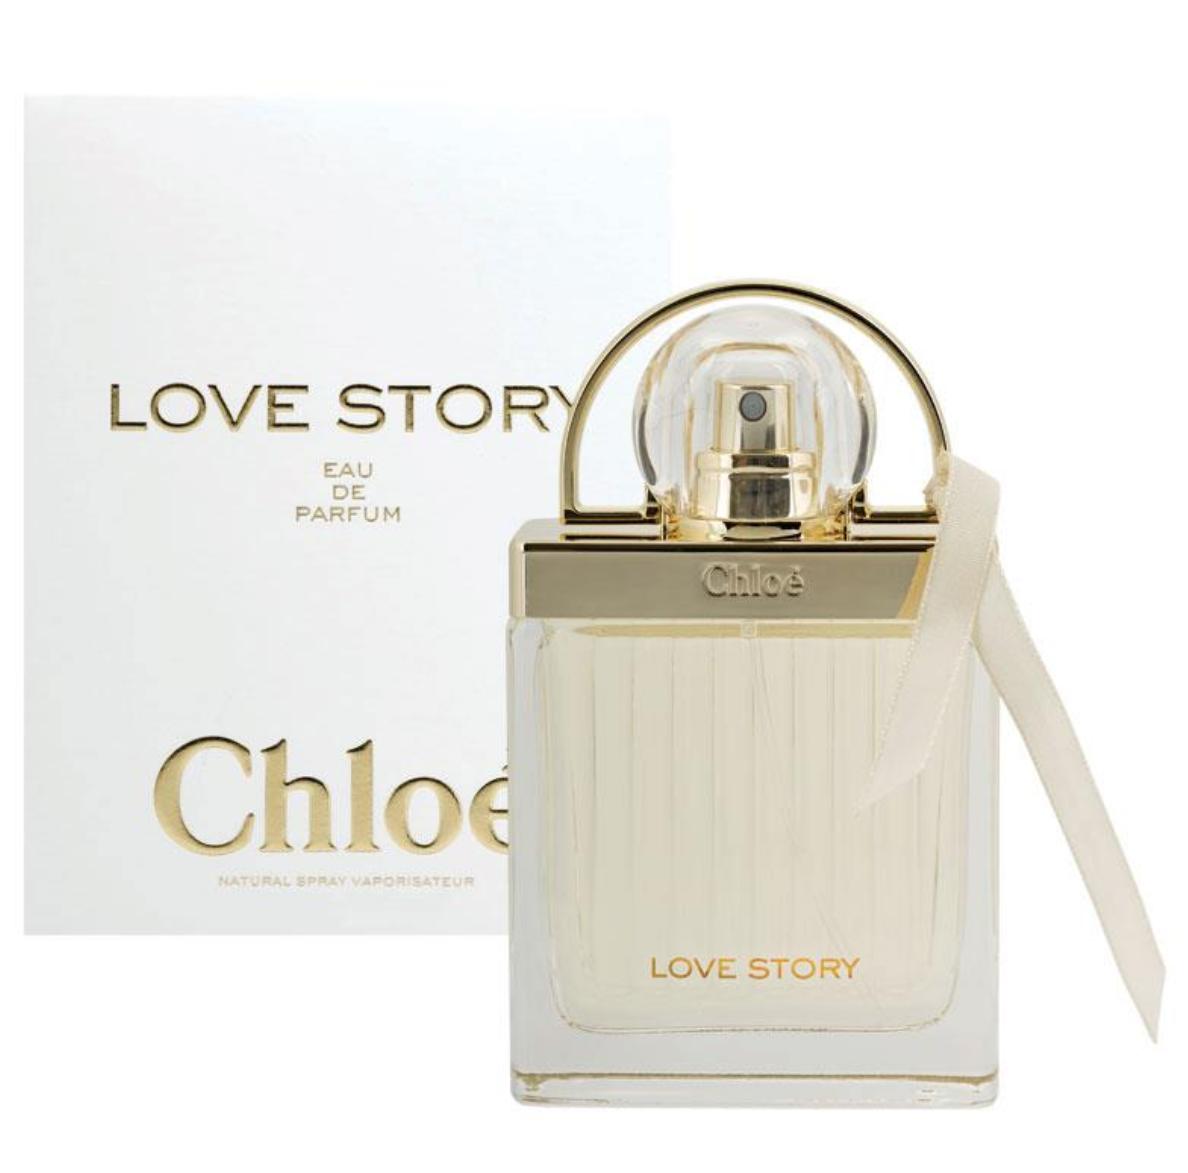 Chloé - Love Story - Eau de Parfum